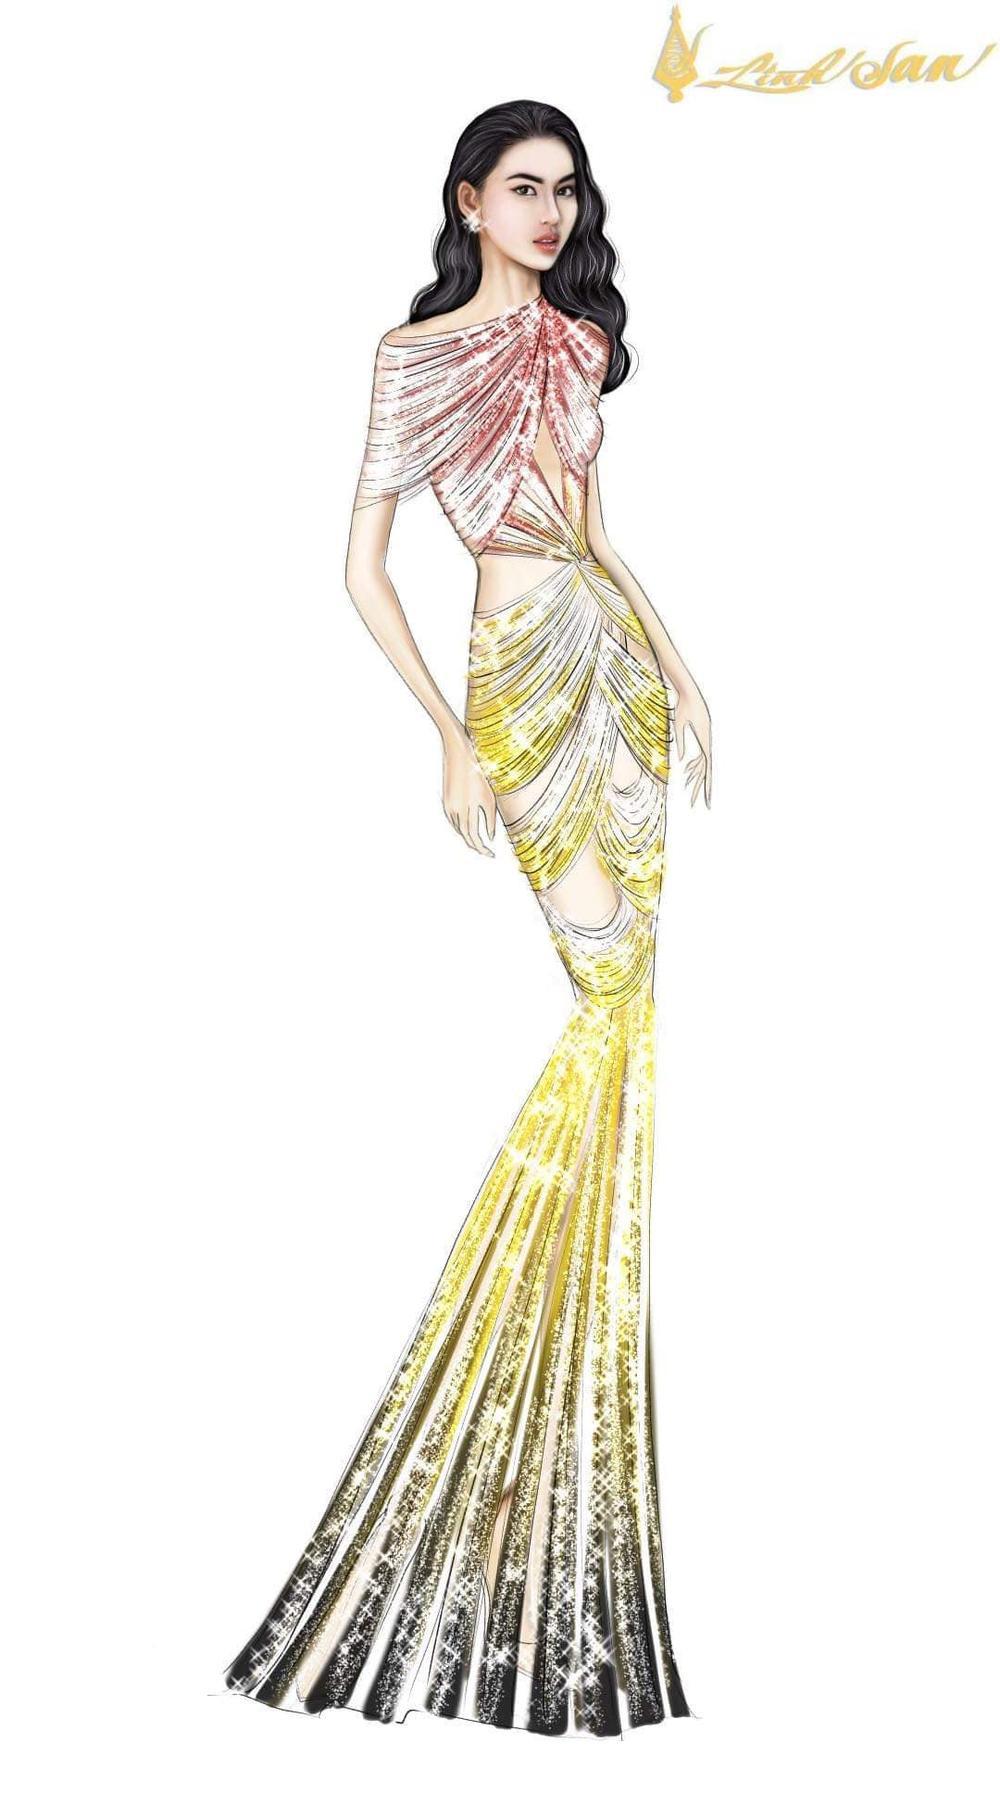 7 bộ váy dạ hội đẹp tinh xảo mà Ngọc Thảo không có cơ hội trình diễn tại Miss Grand International Ảnh 14